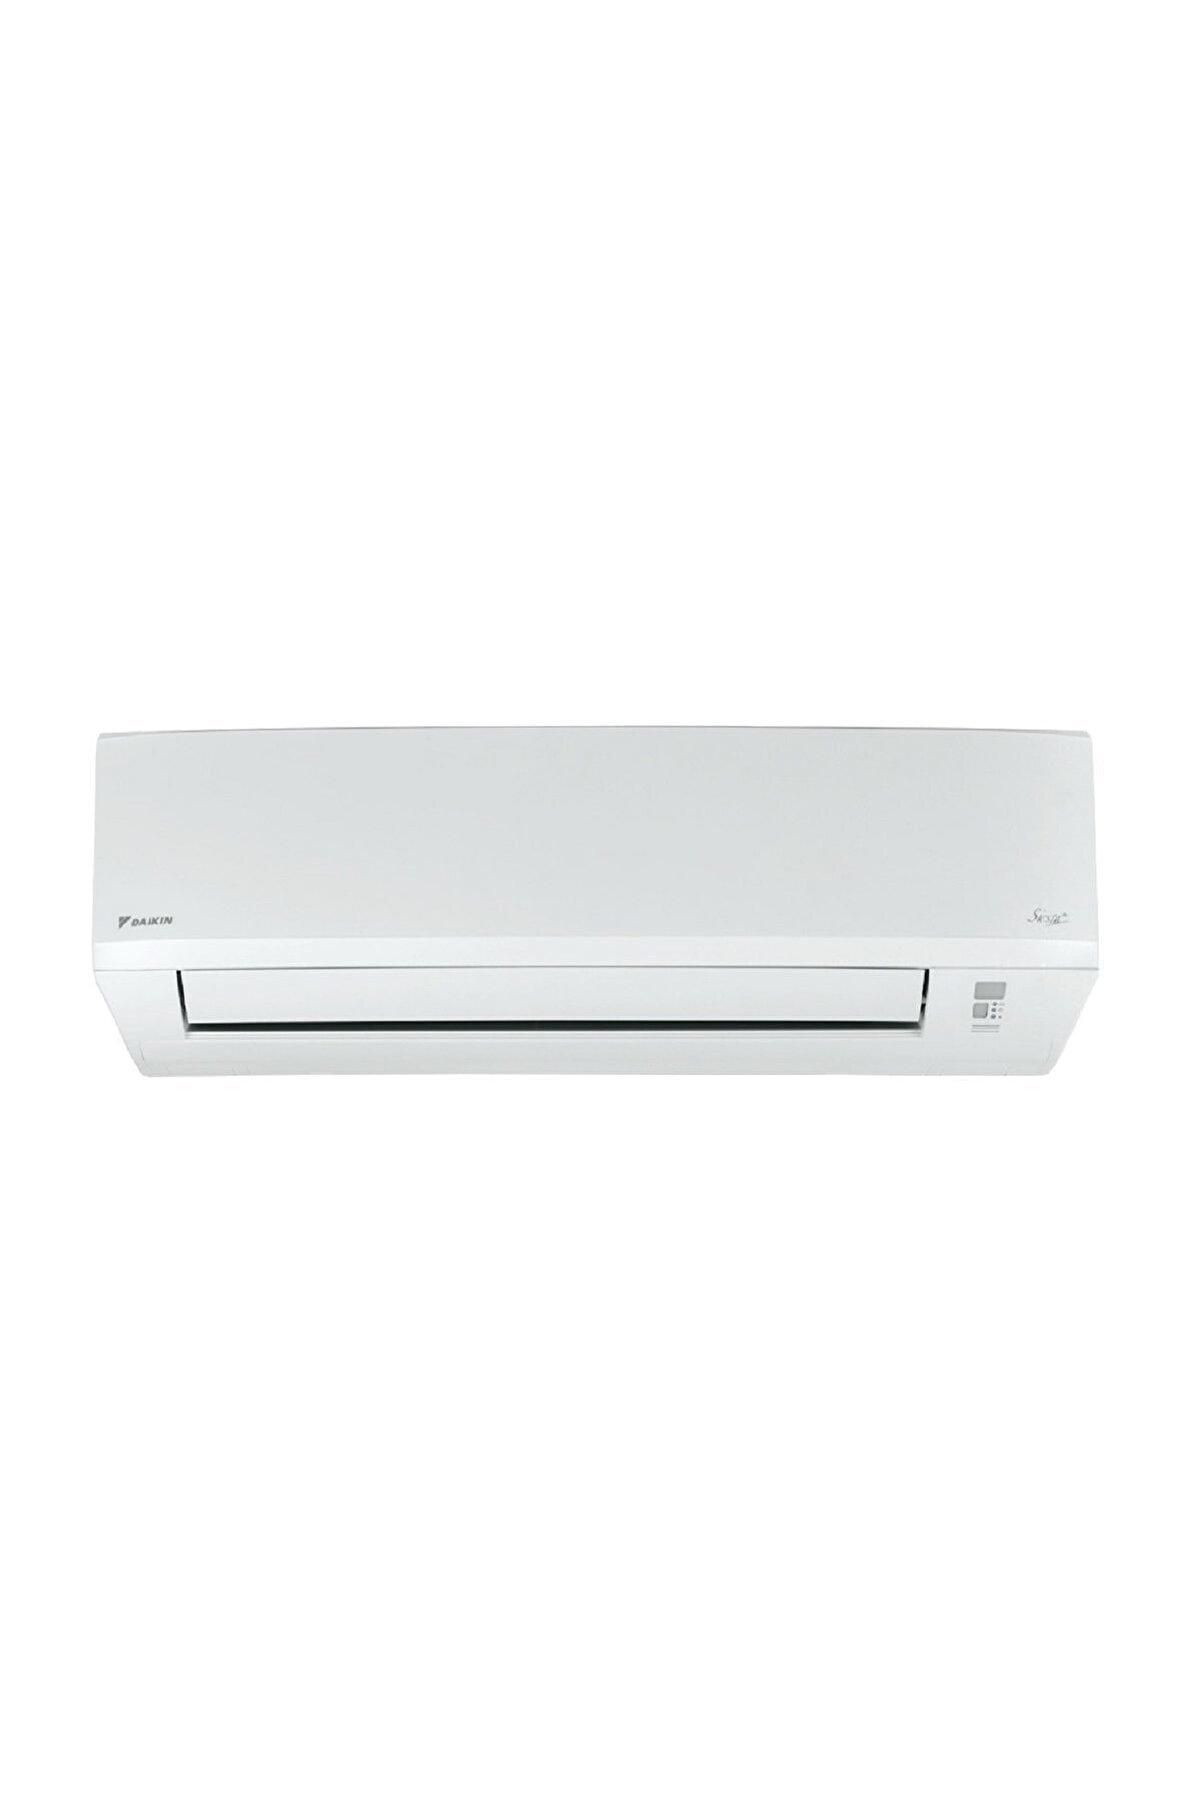 Daikin N Serisi ATXN60NB7 A+ 21300 BTU Inverter Klima